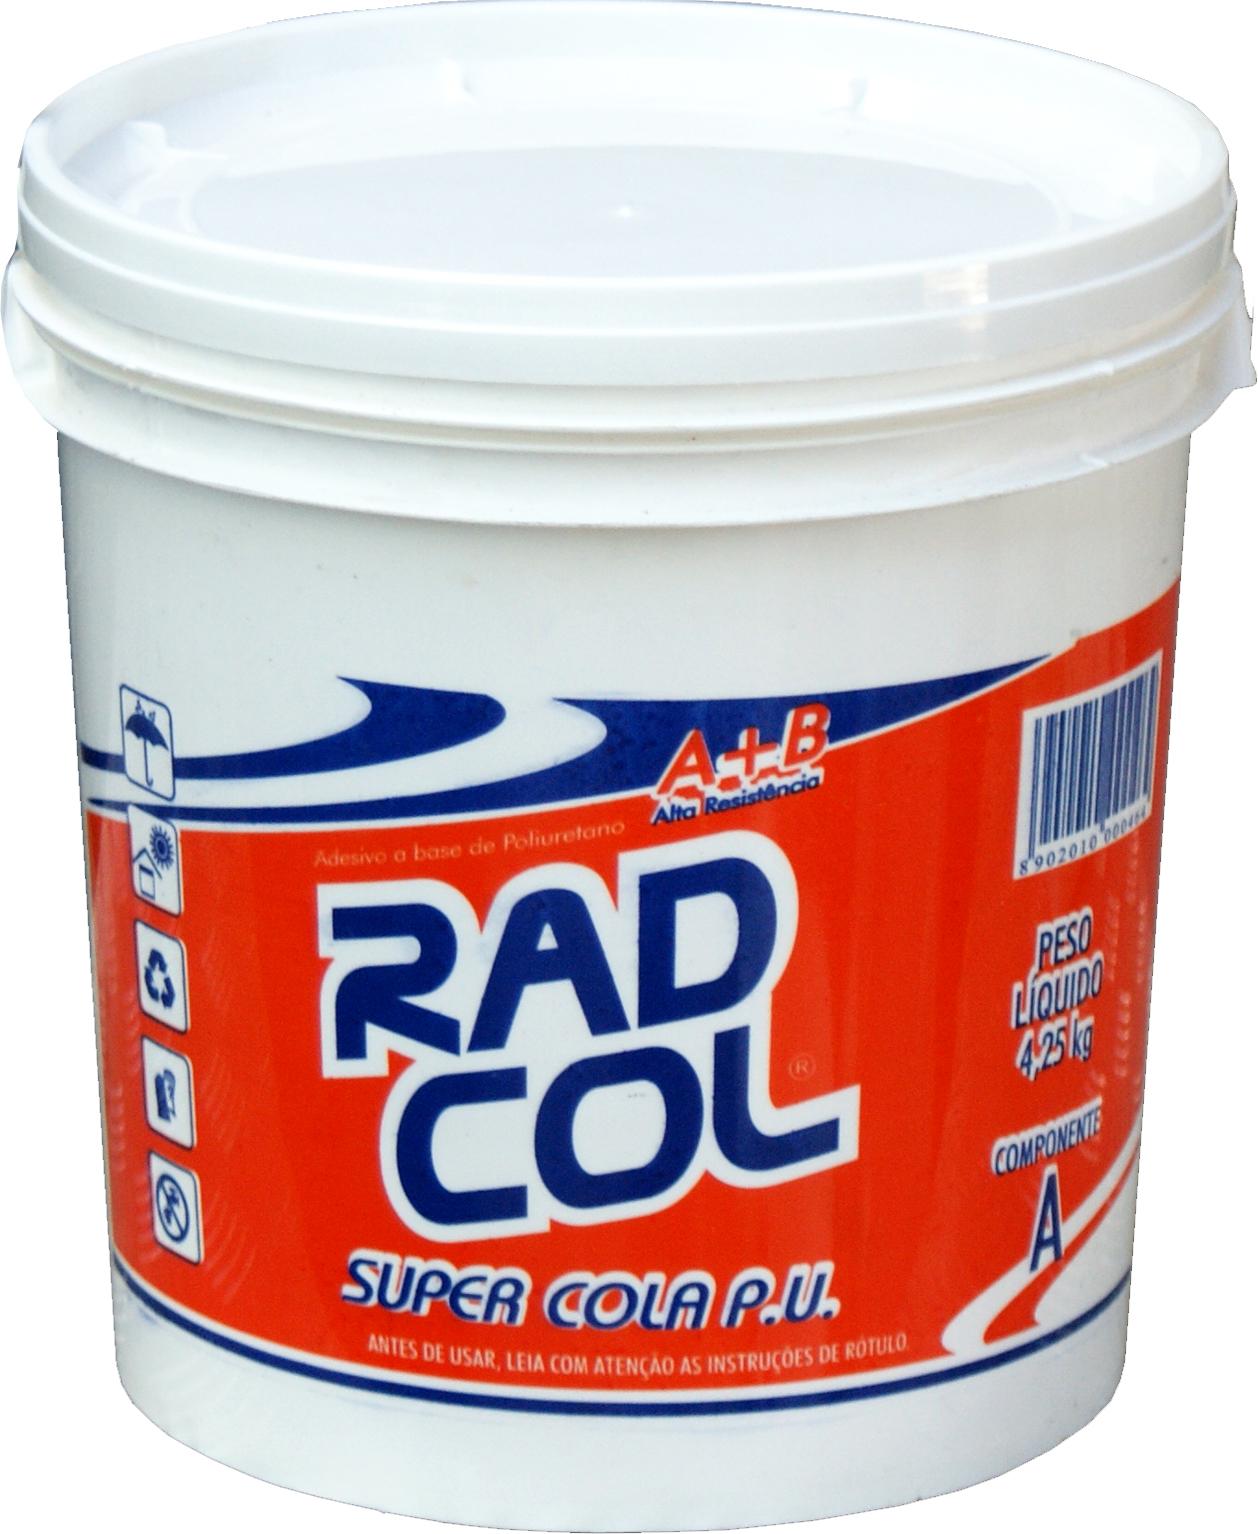 Pronto Piso: Cola PU Radcol 606 SV EMBALAGEM 5Kg preço por Kilo #C22409 1258x1534